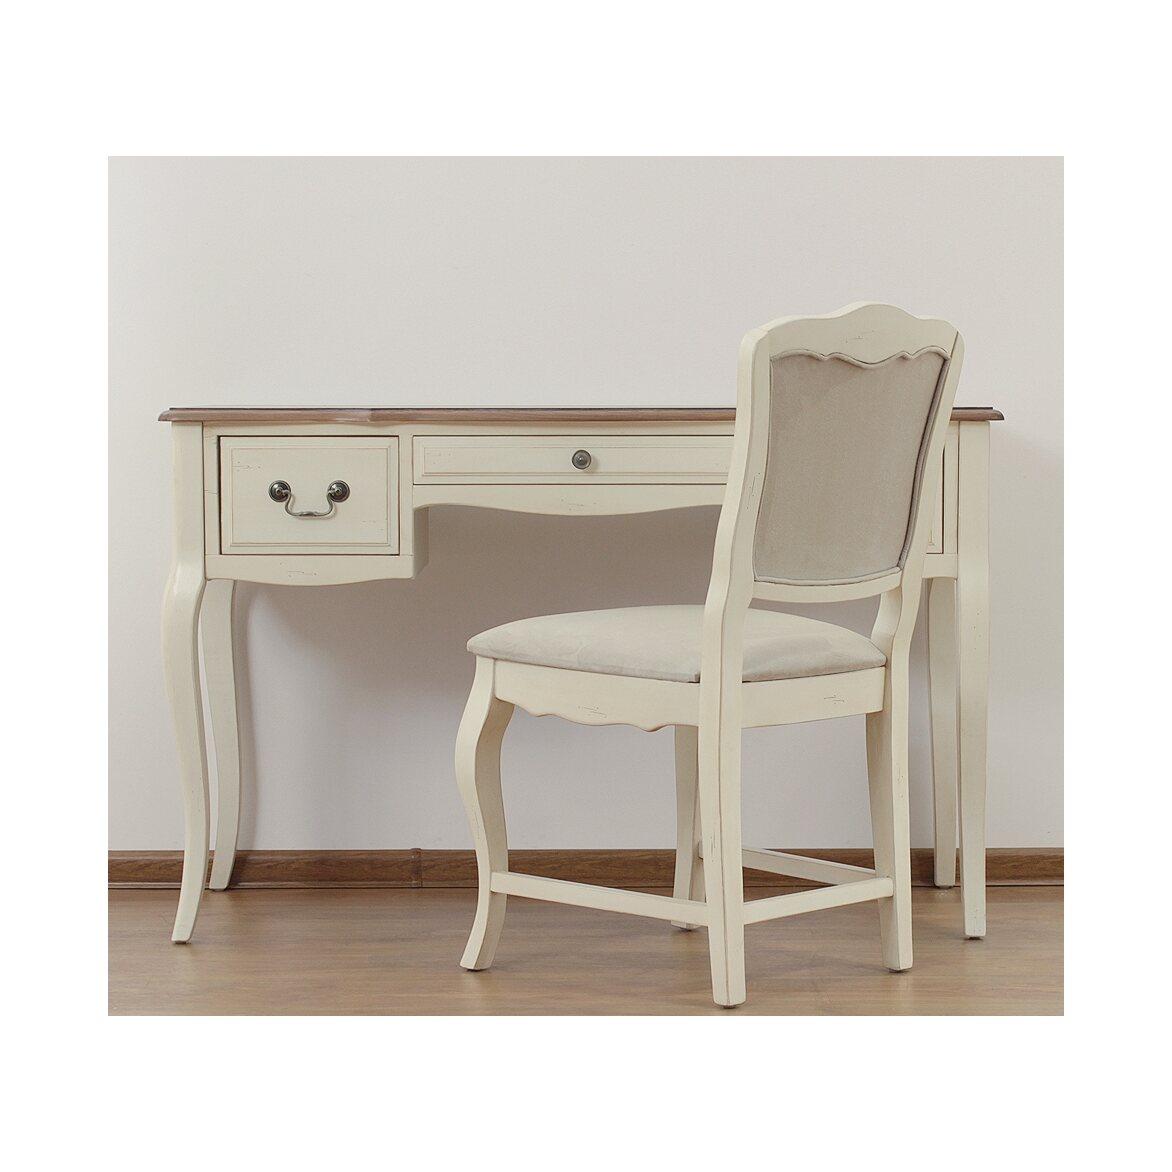 Стул с мягким сиденьем Leontina, бежевого цвета 6 | Обеденные стулья Kingsby